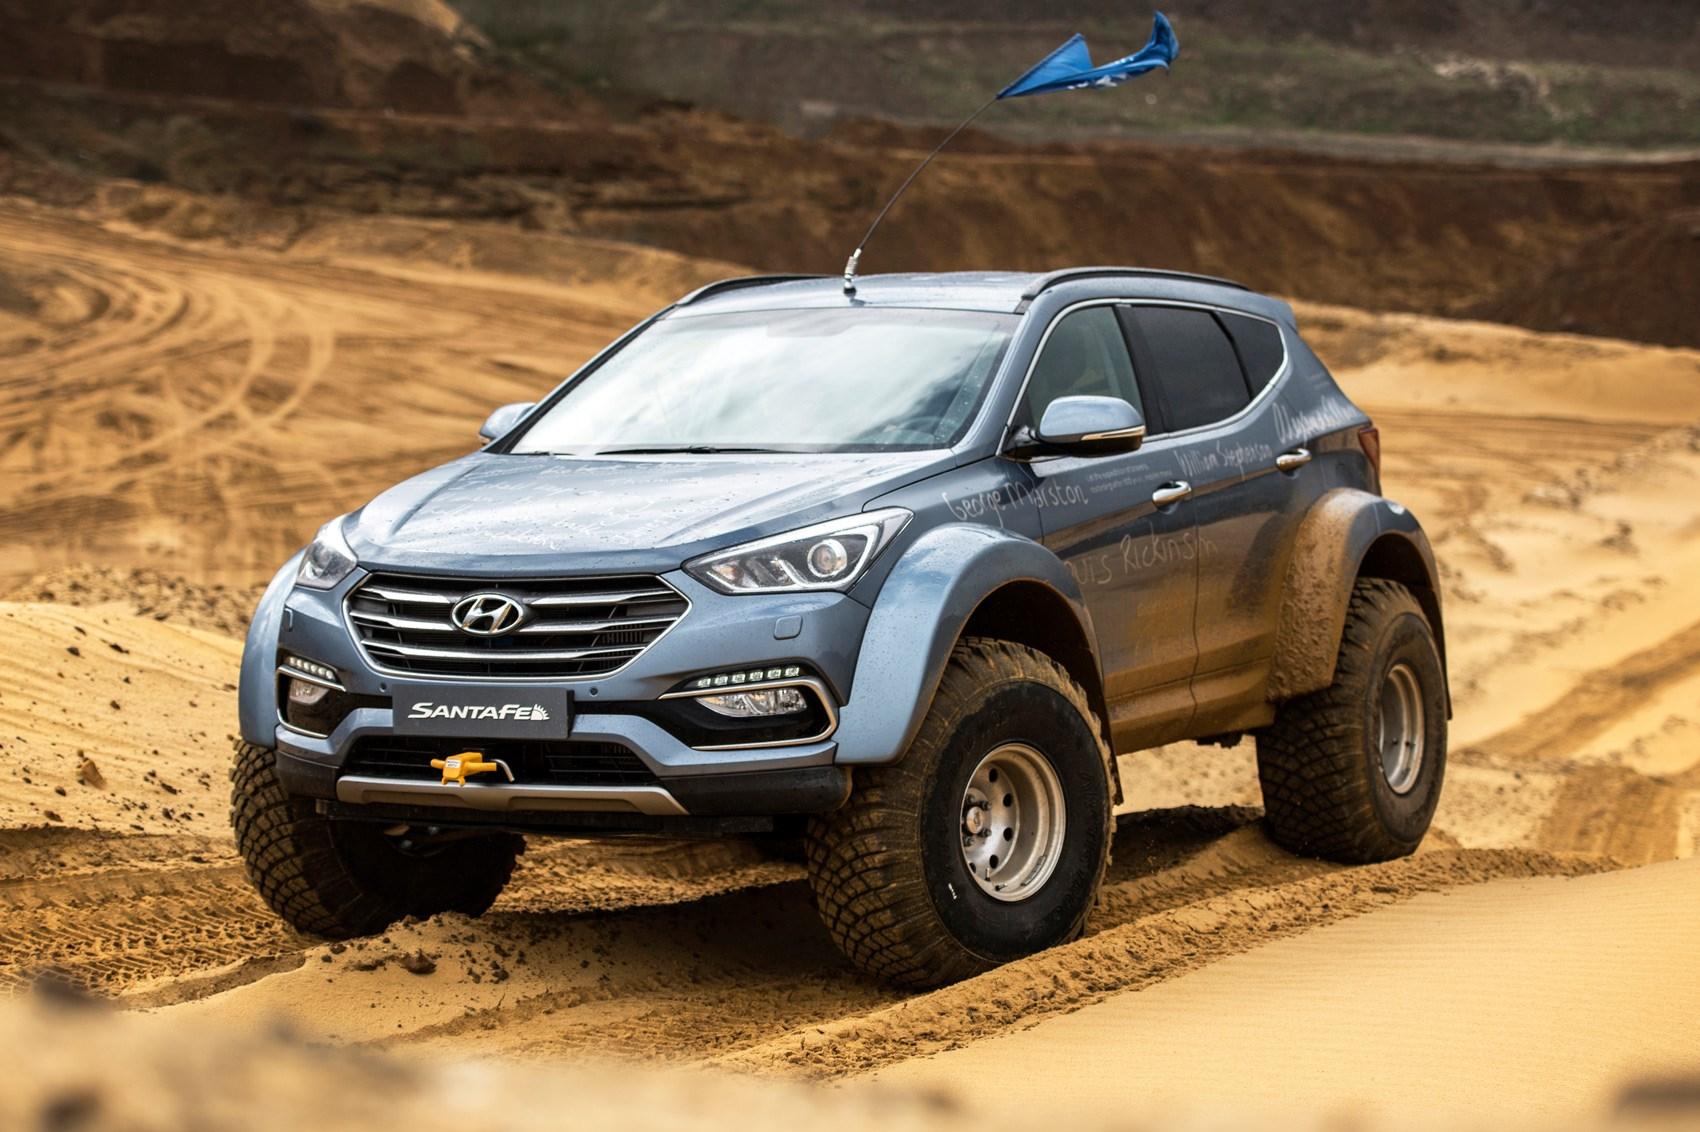 Hyundai Santa Fe Shackleton Endurance 2017 Review By Car